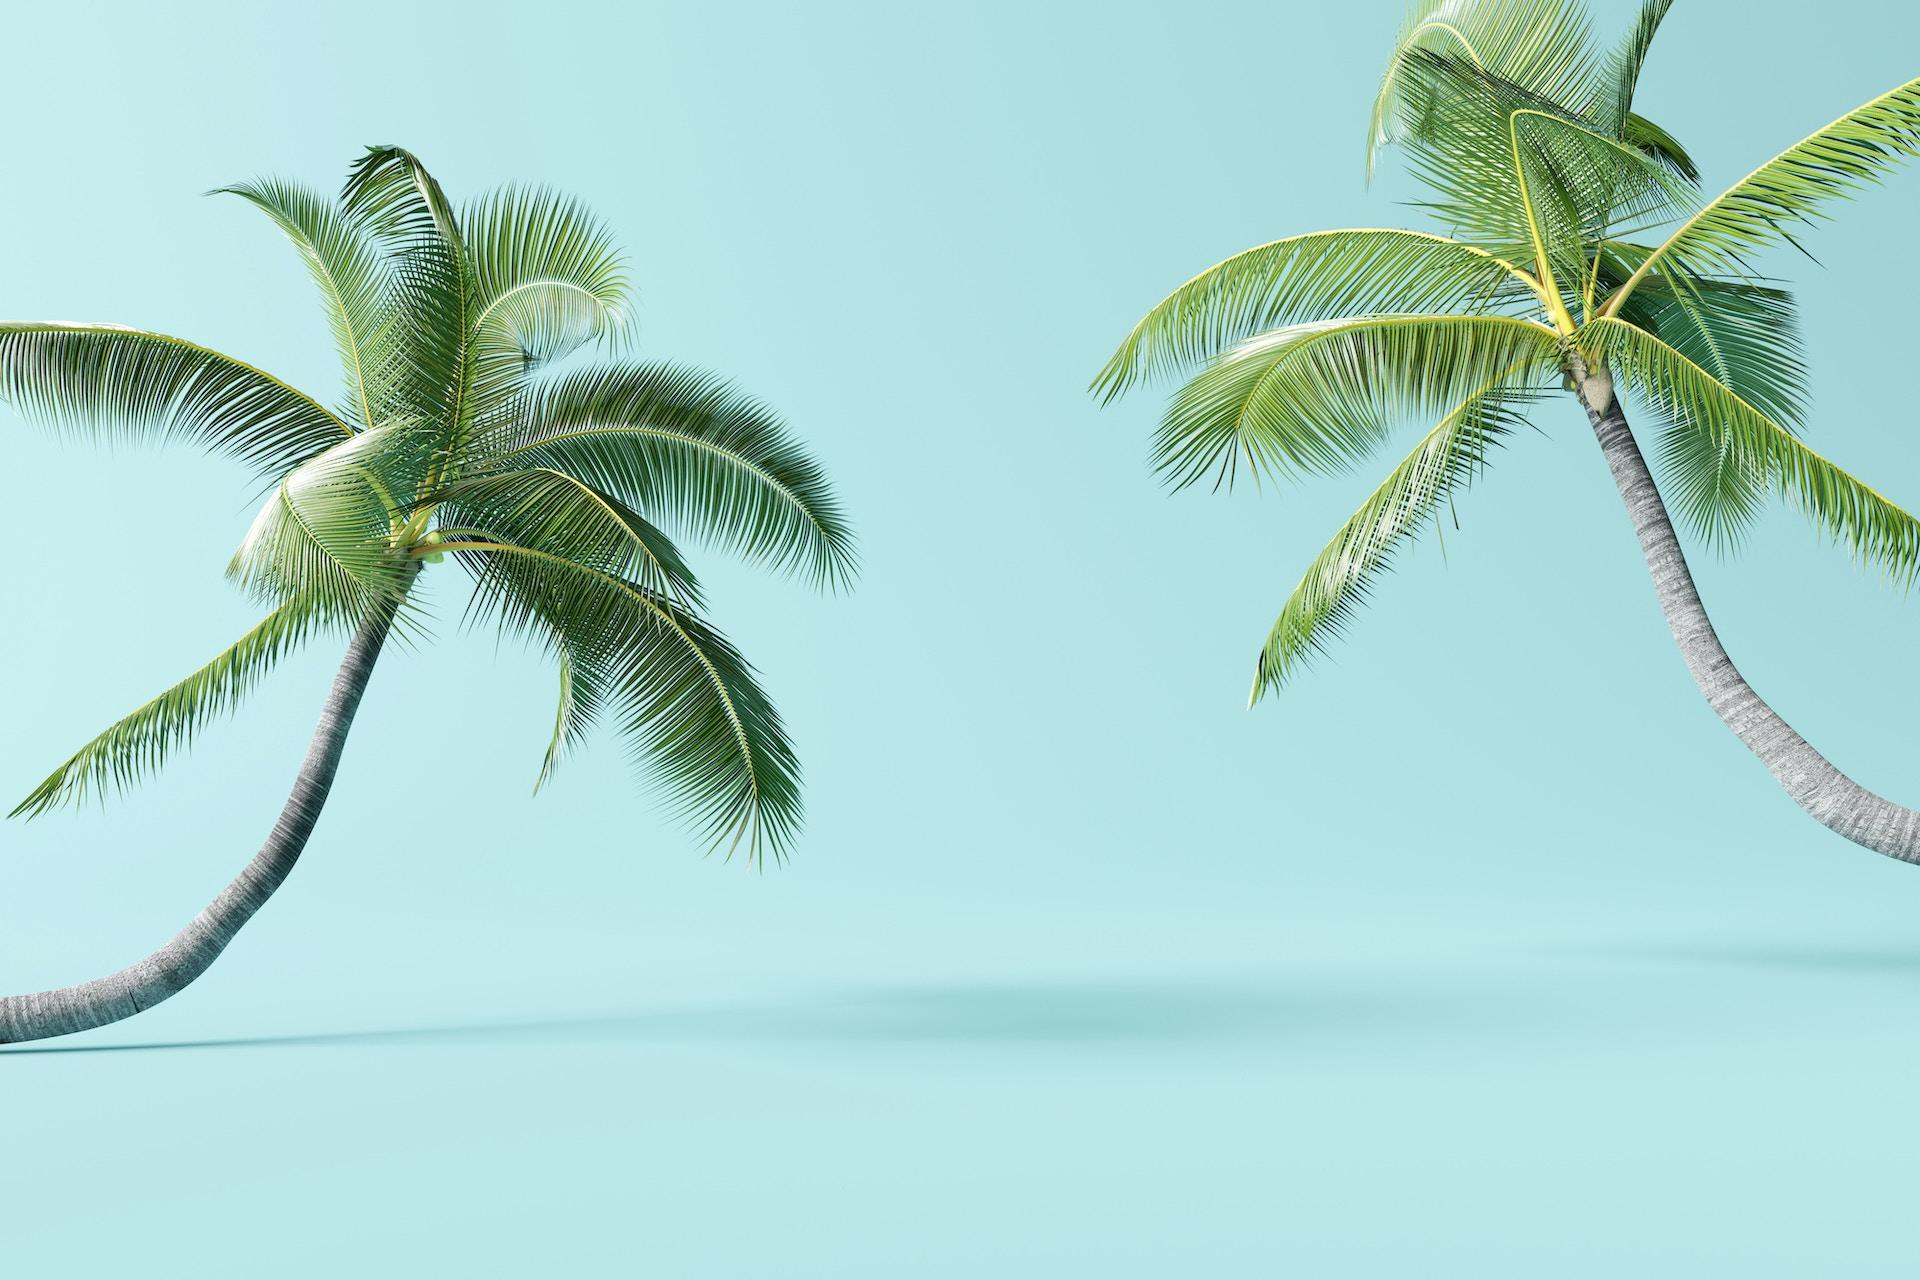 Man sieht ein Foto von zwei Palmen vor einem türkisen Hintergrund als Verbildlichung für Evergreen Content